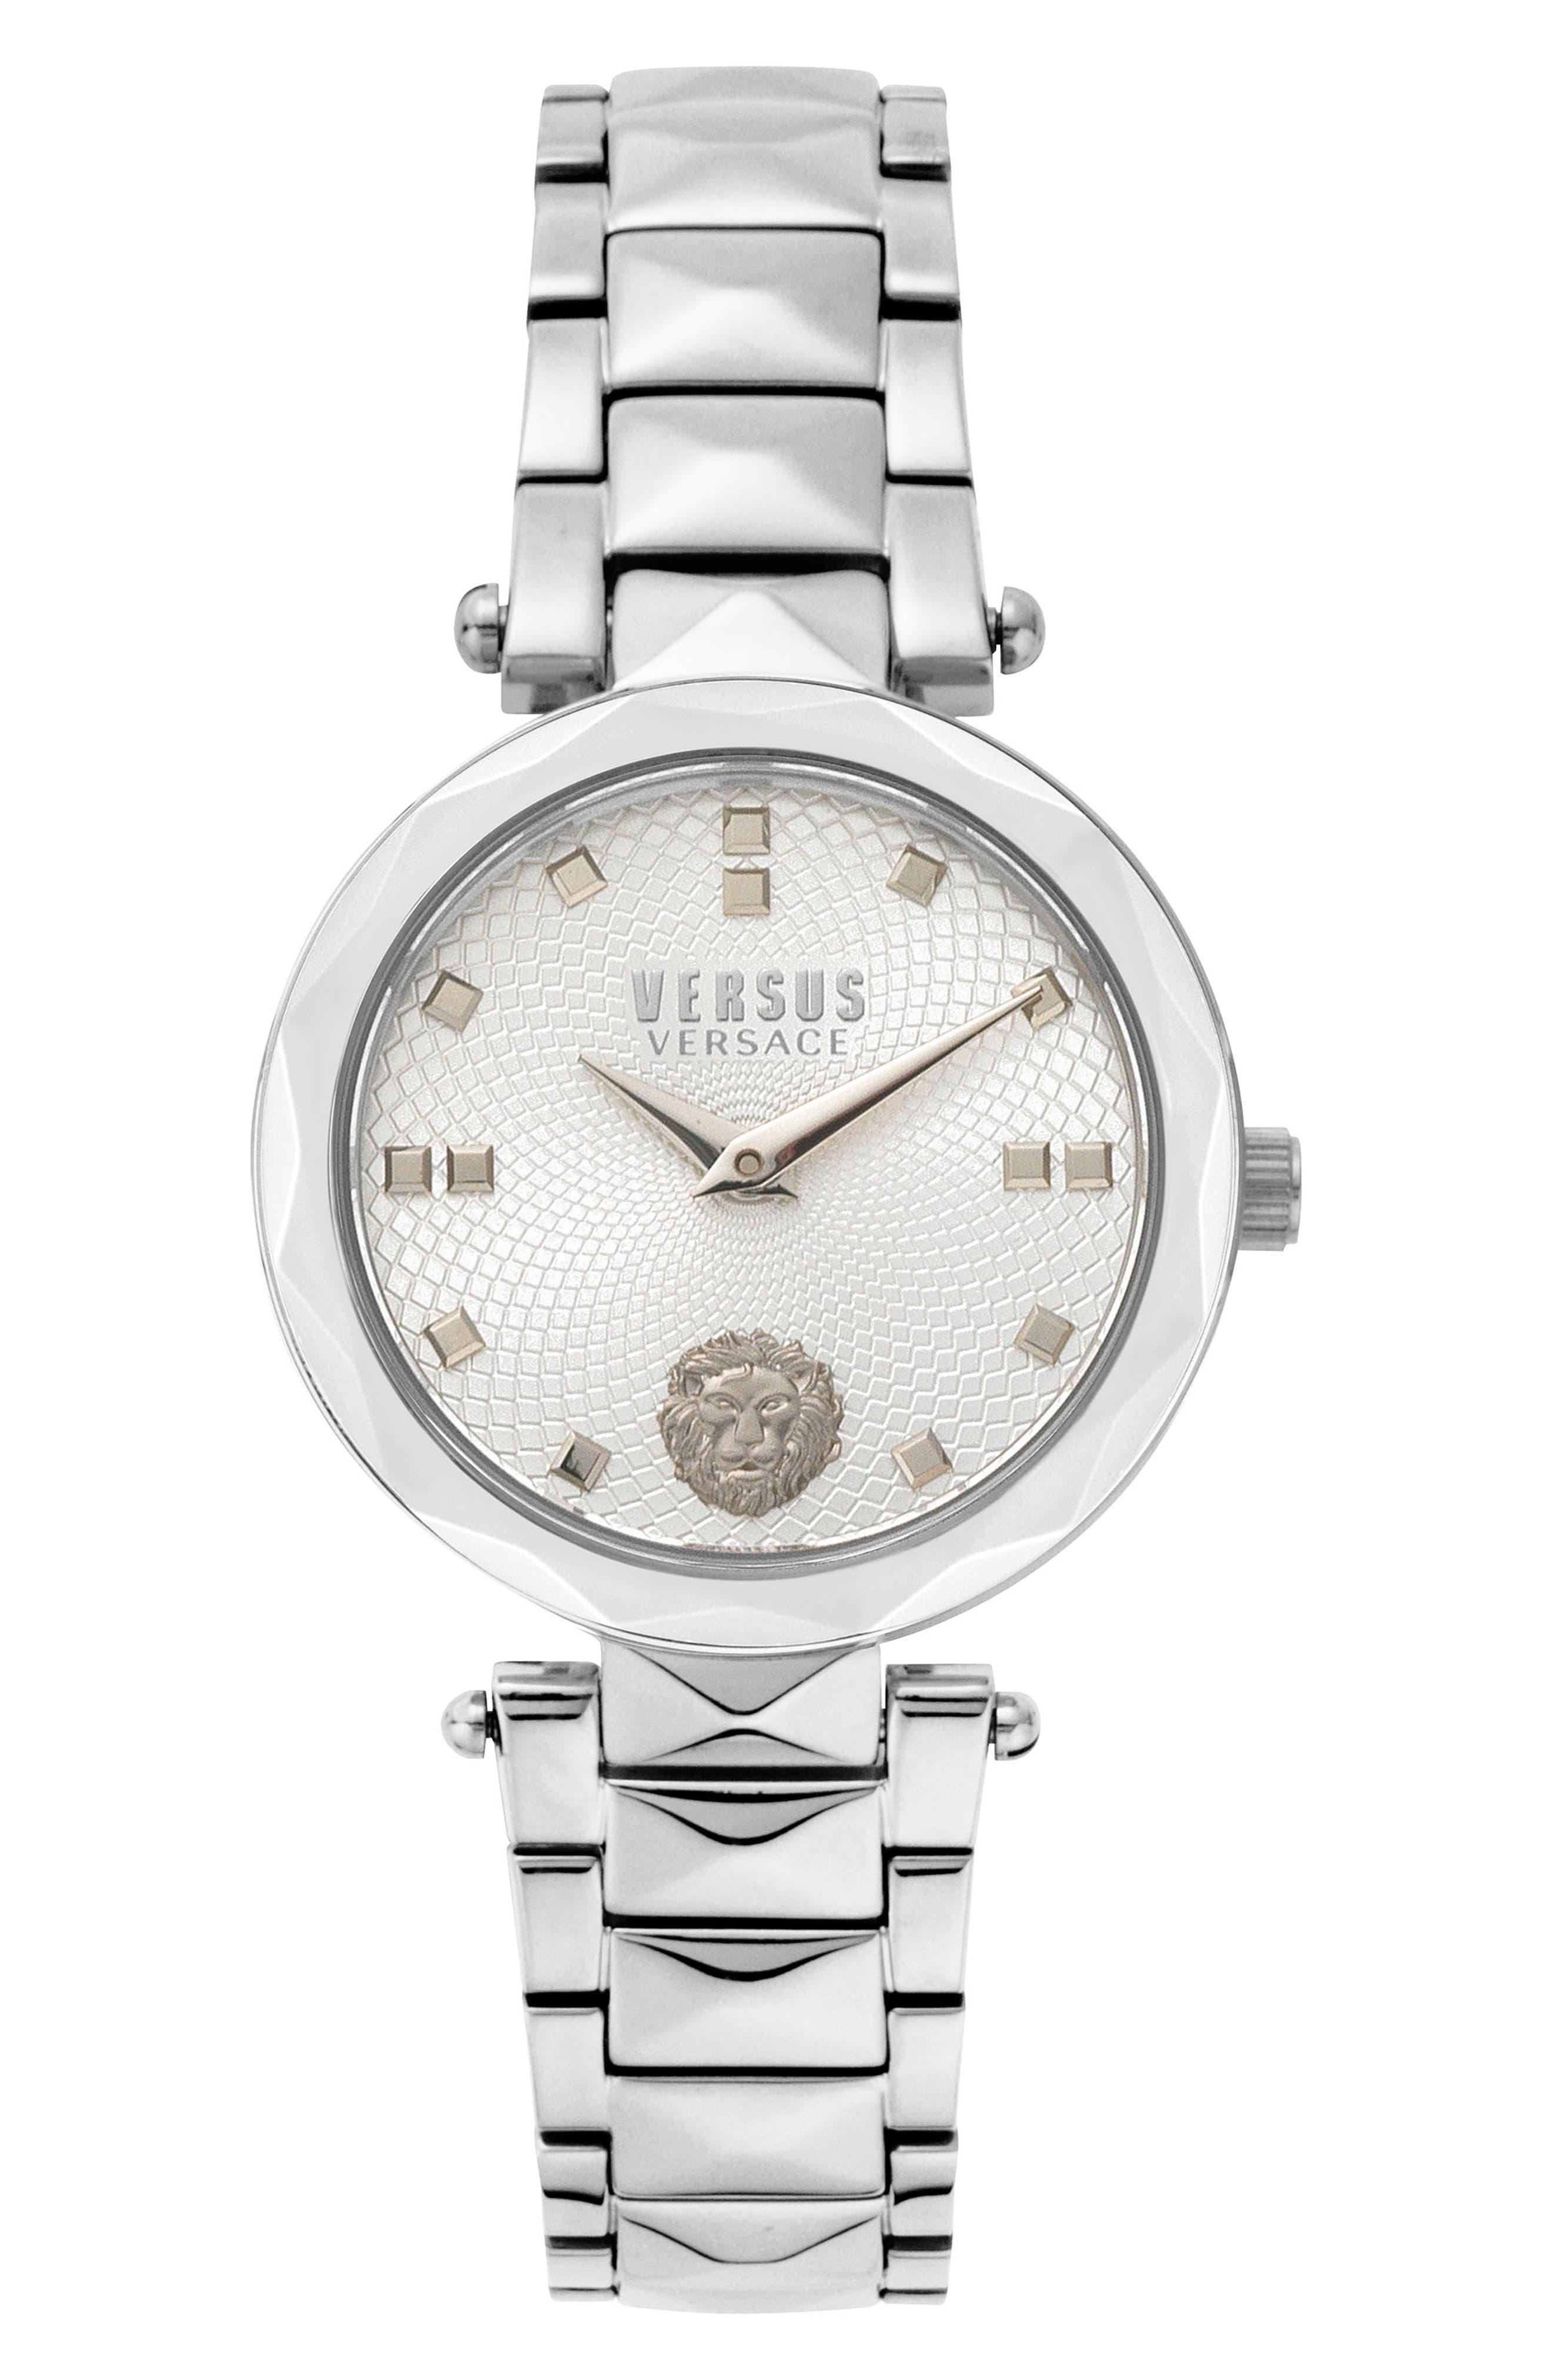 Versace Women's Versus Versace Convent Garden Bracelet Watch, 32mm